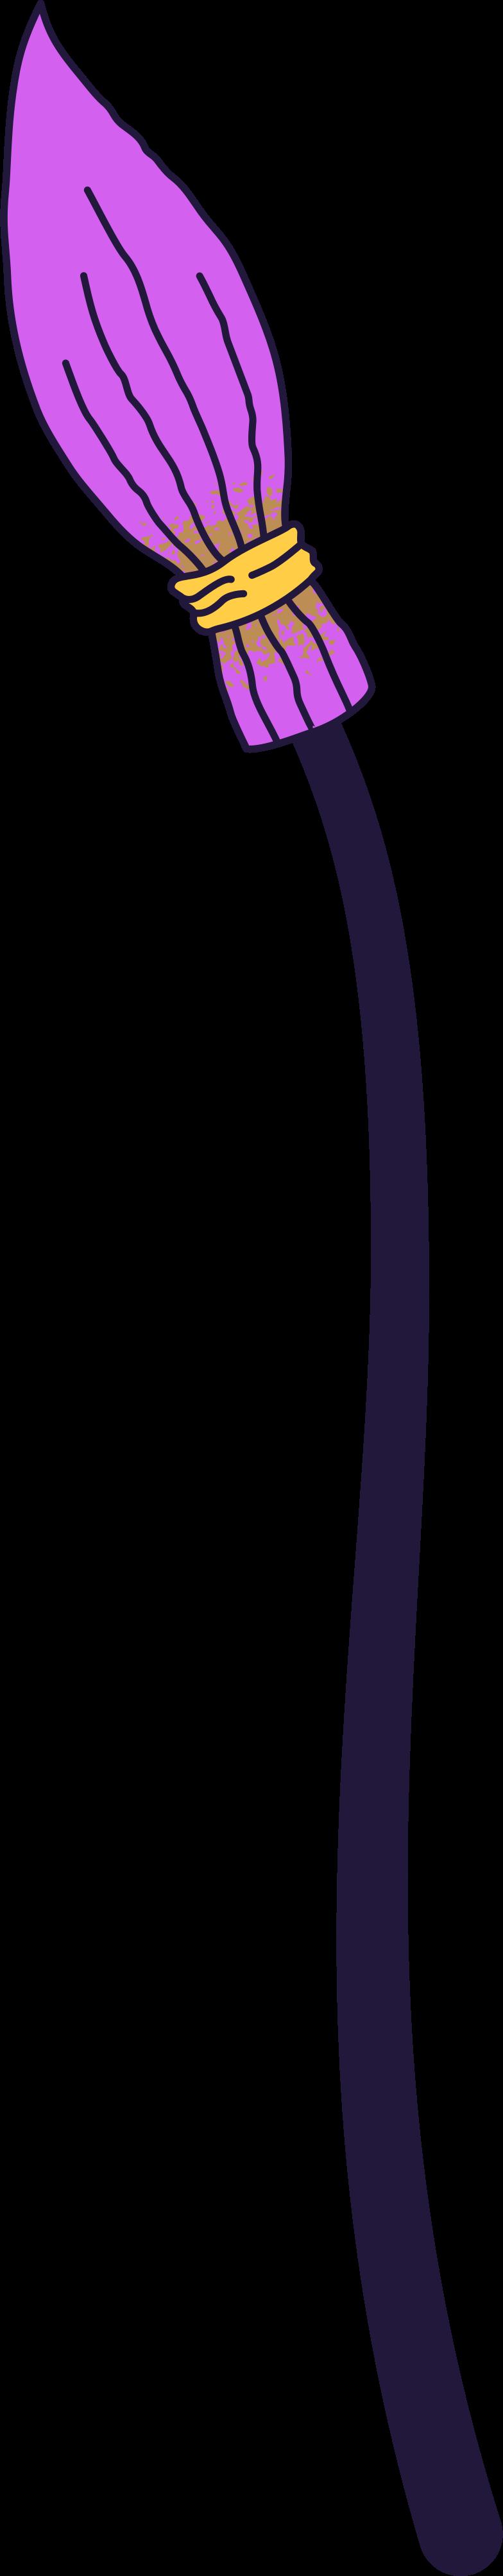 broomstick- Clipart illustration in PNG, SVG